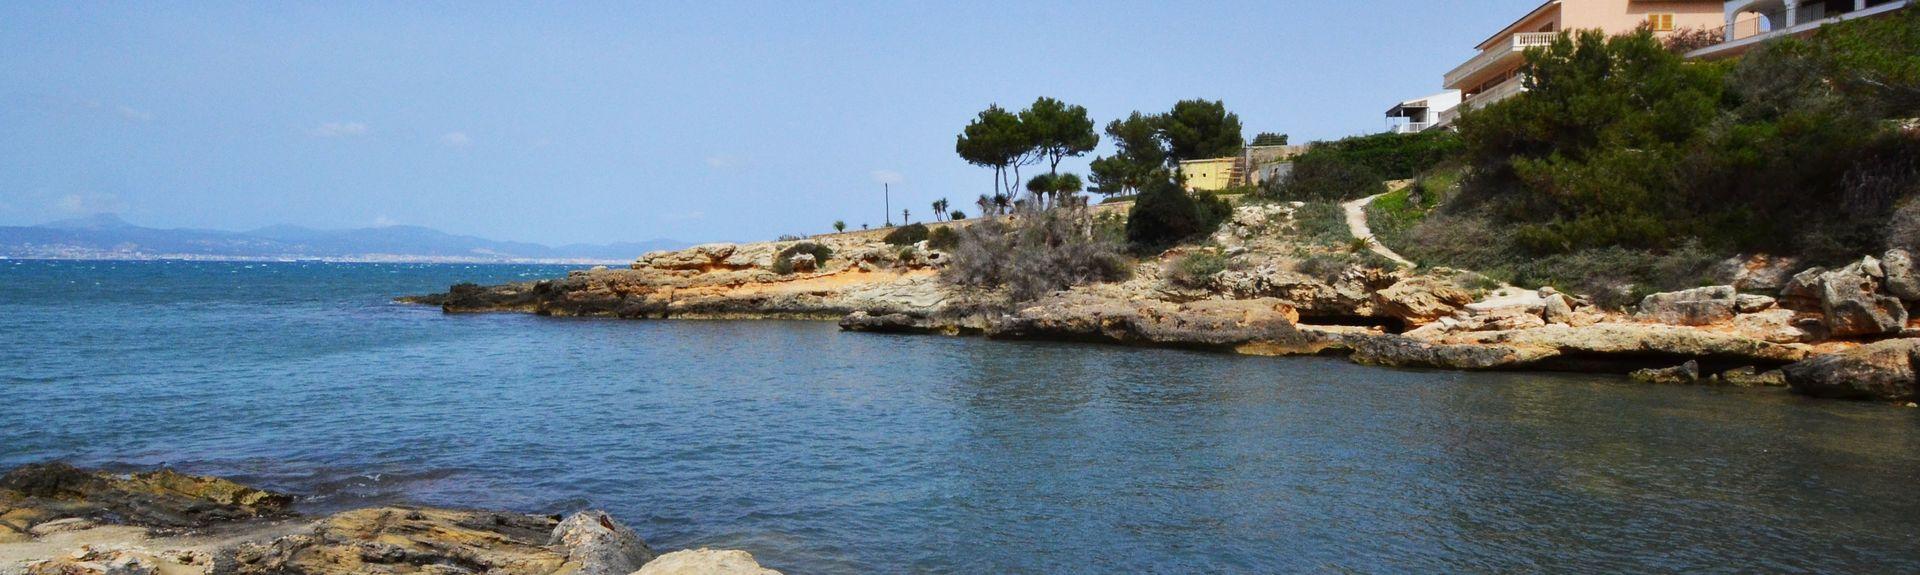 Puig de Ros, Llucmajor, Islas Baleares, España